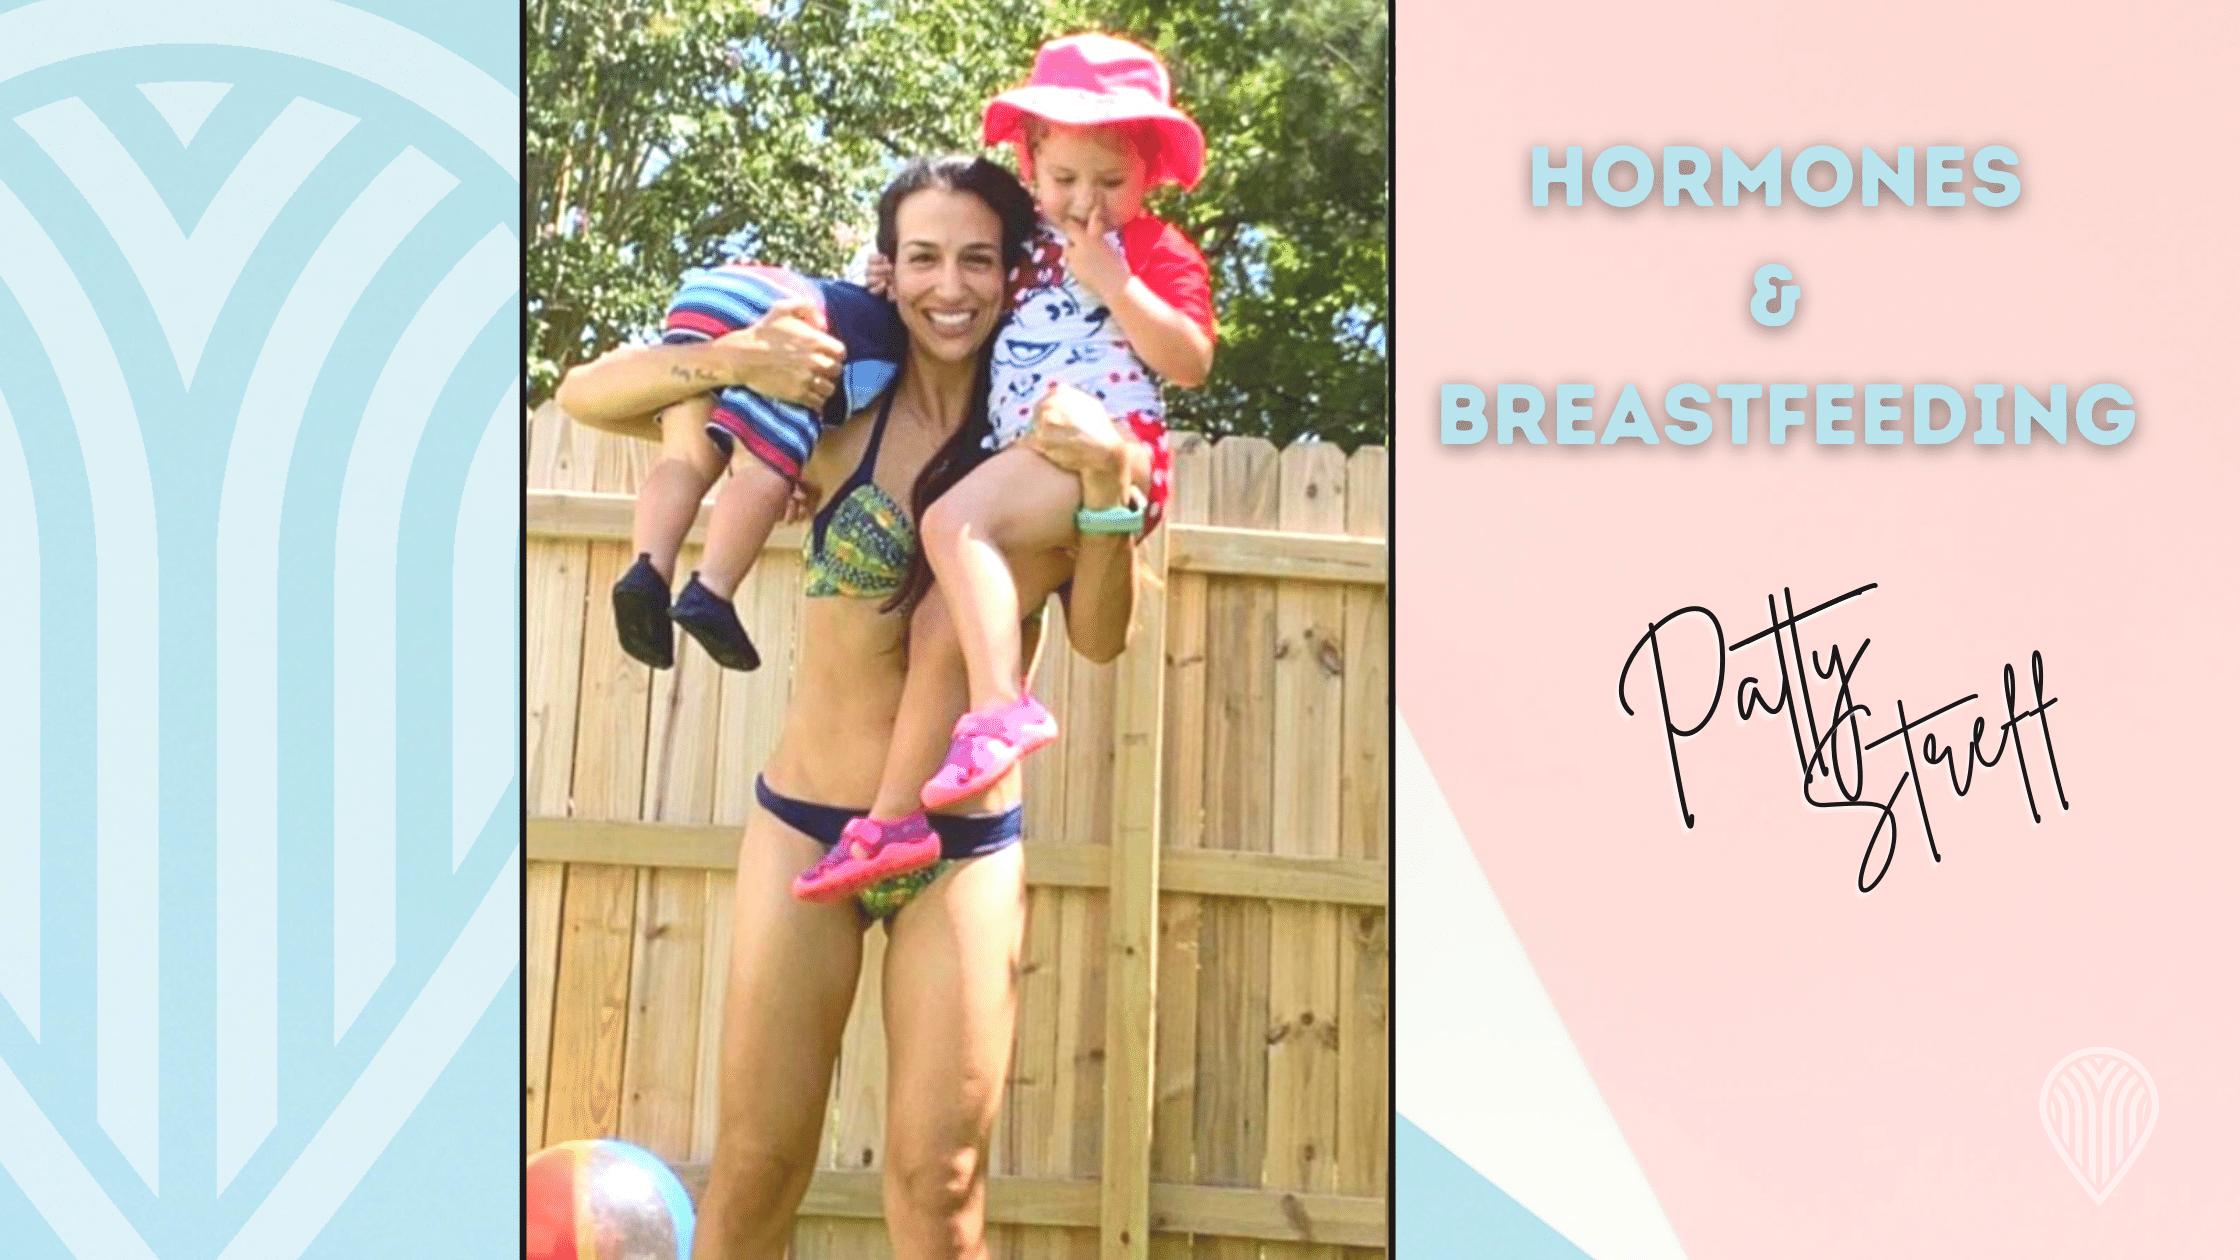 Patricia Streff on hormones & breastfeeding